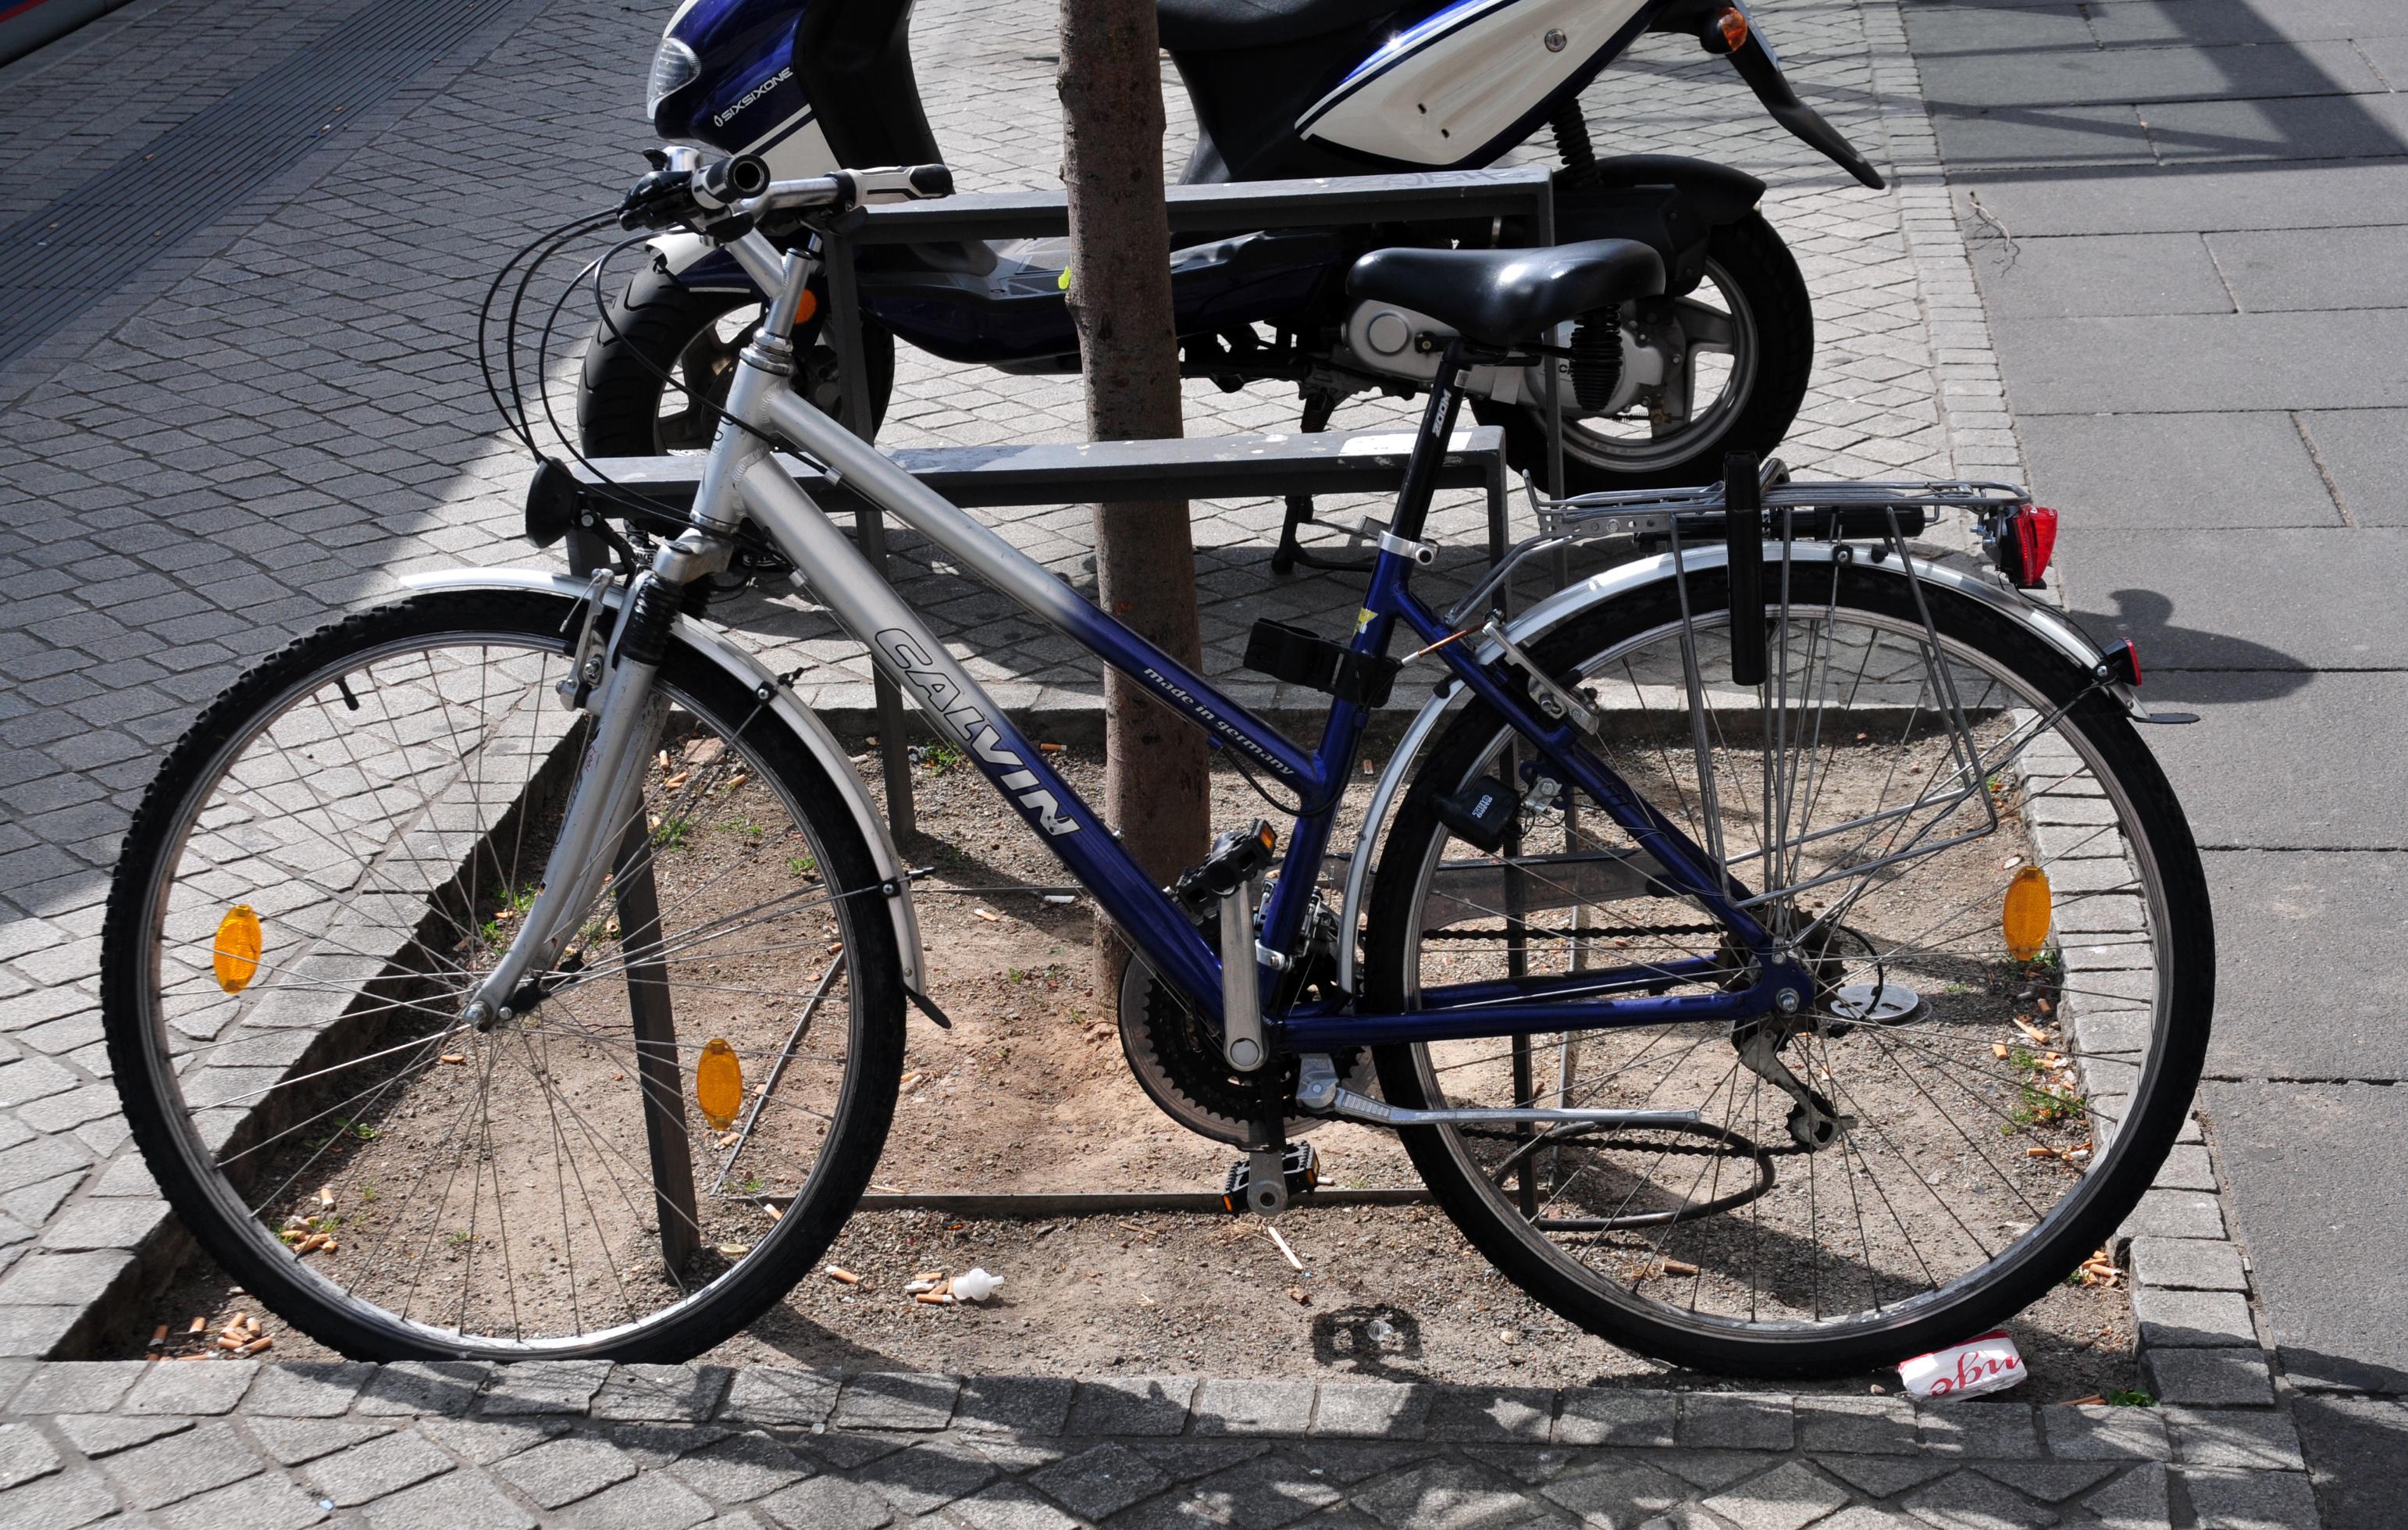 12-06-09-fahrrad-by-ralfr-19.jpg